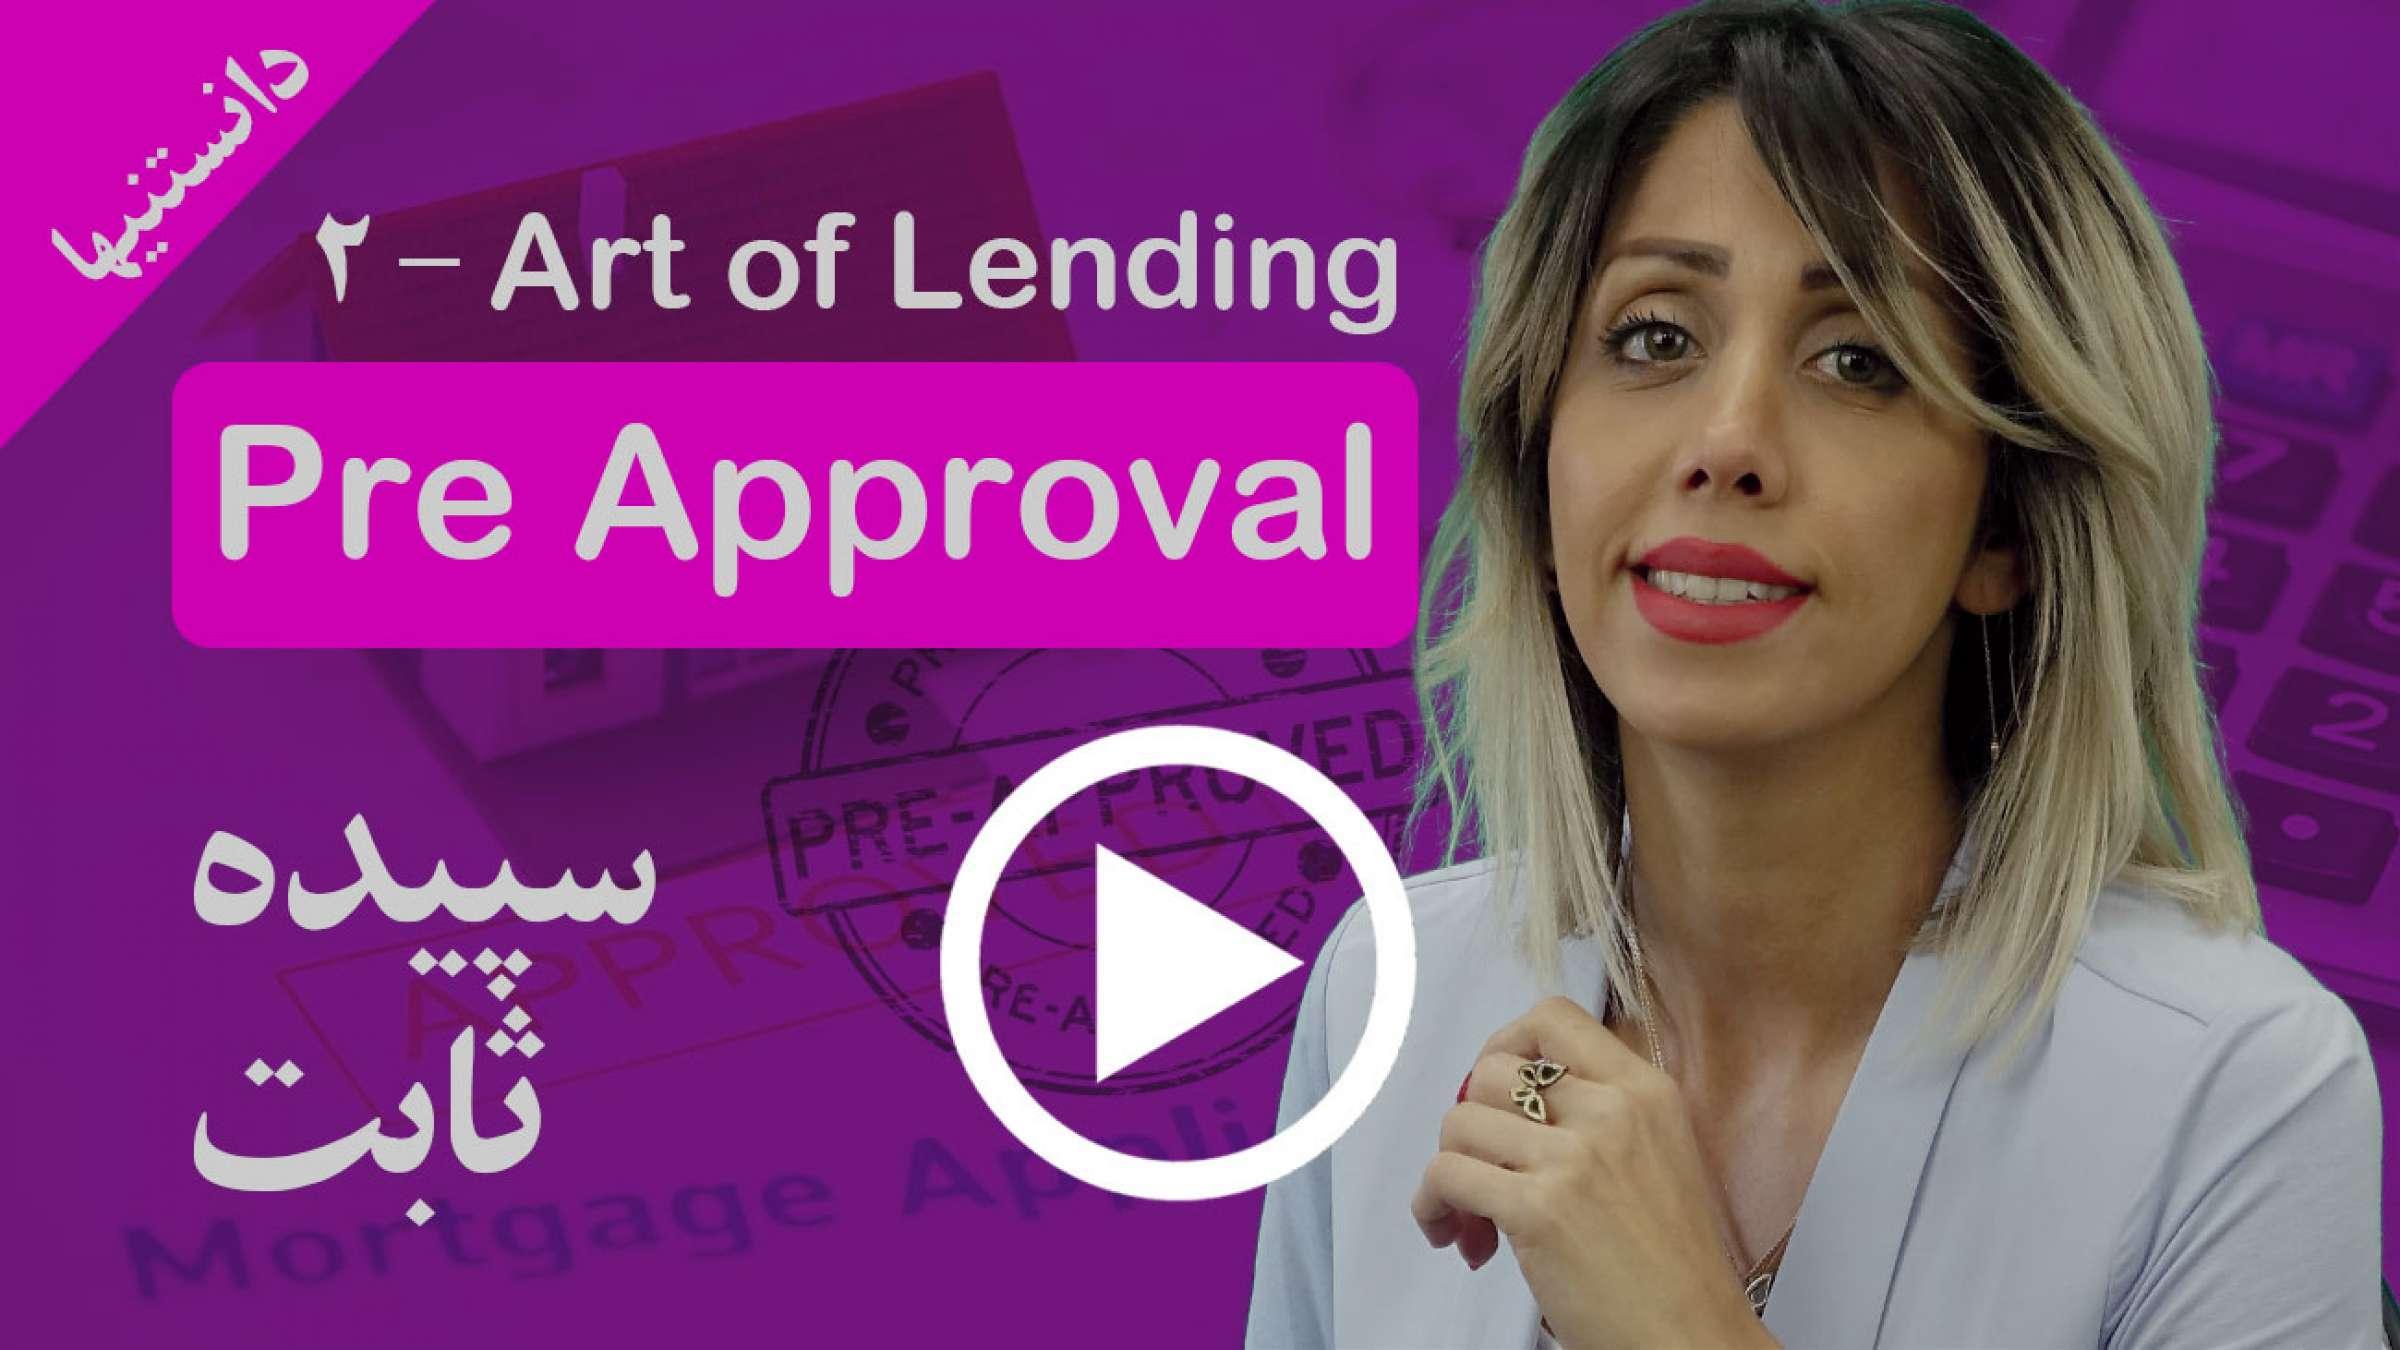 چرا بهتر است در خرید املاک اول Pre Approval بگیرید؟